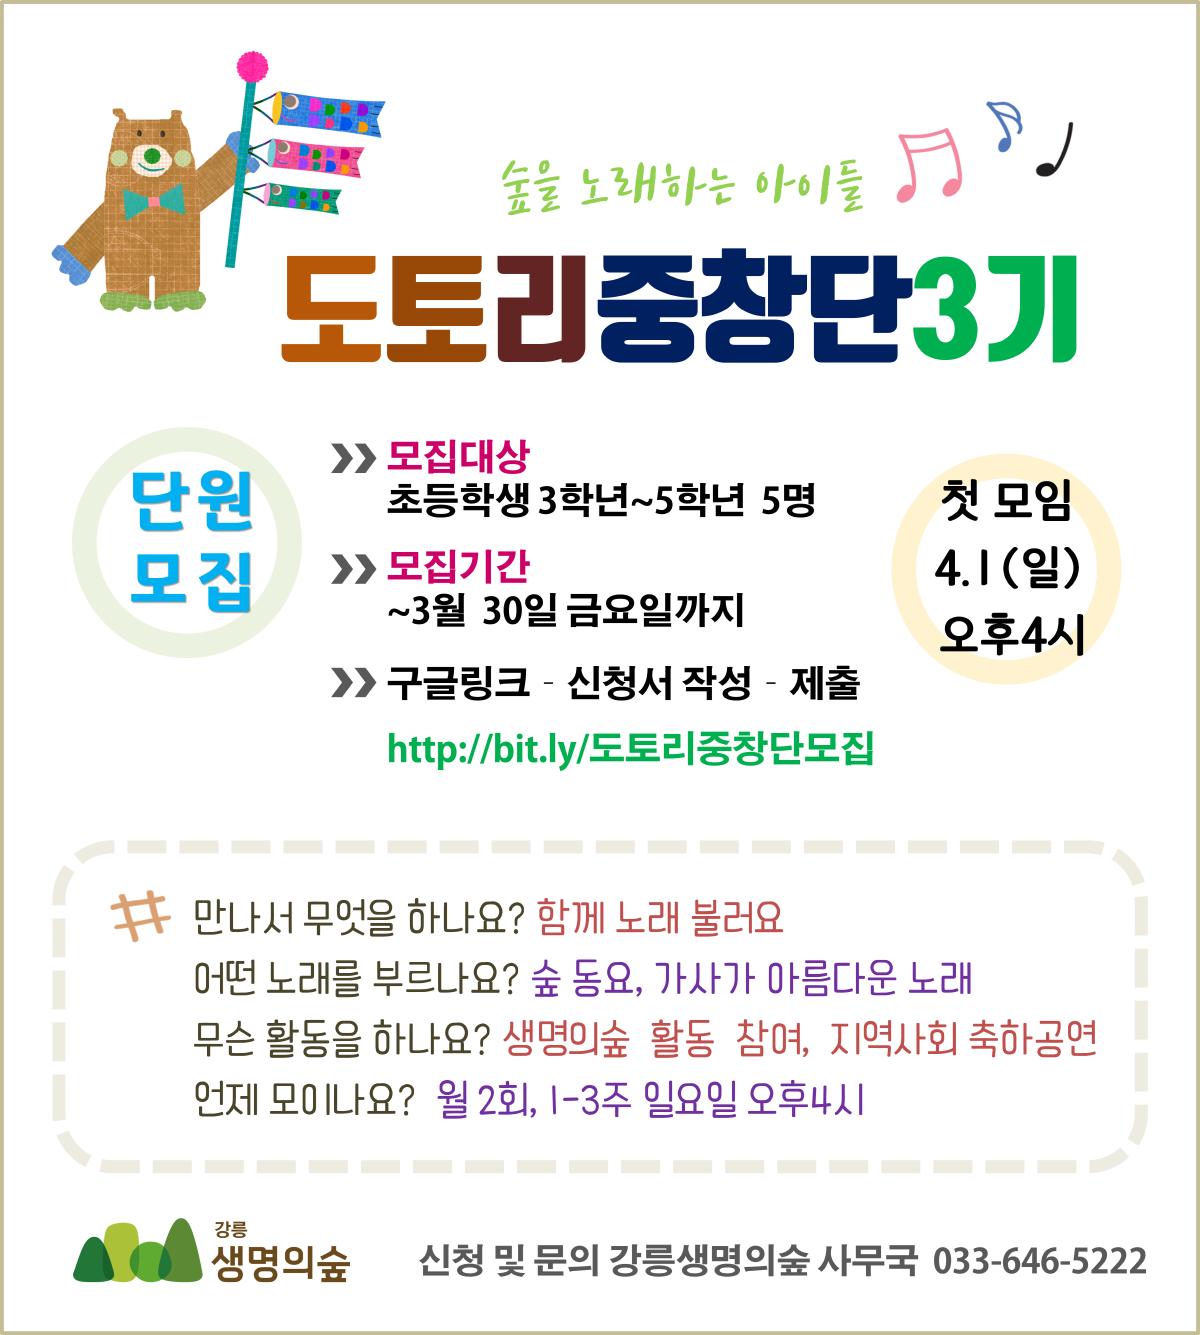 도토리중창단 모집(최종).png